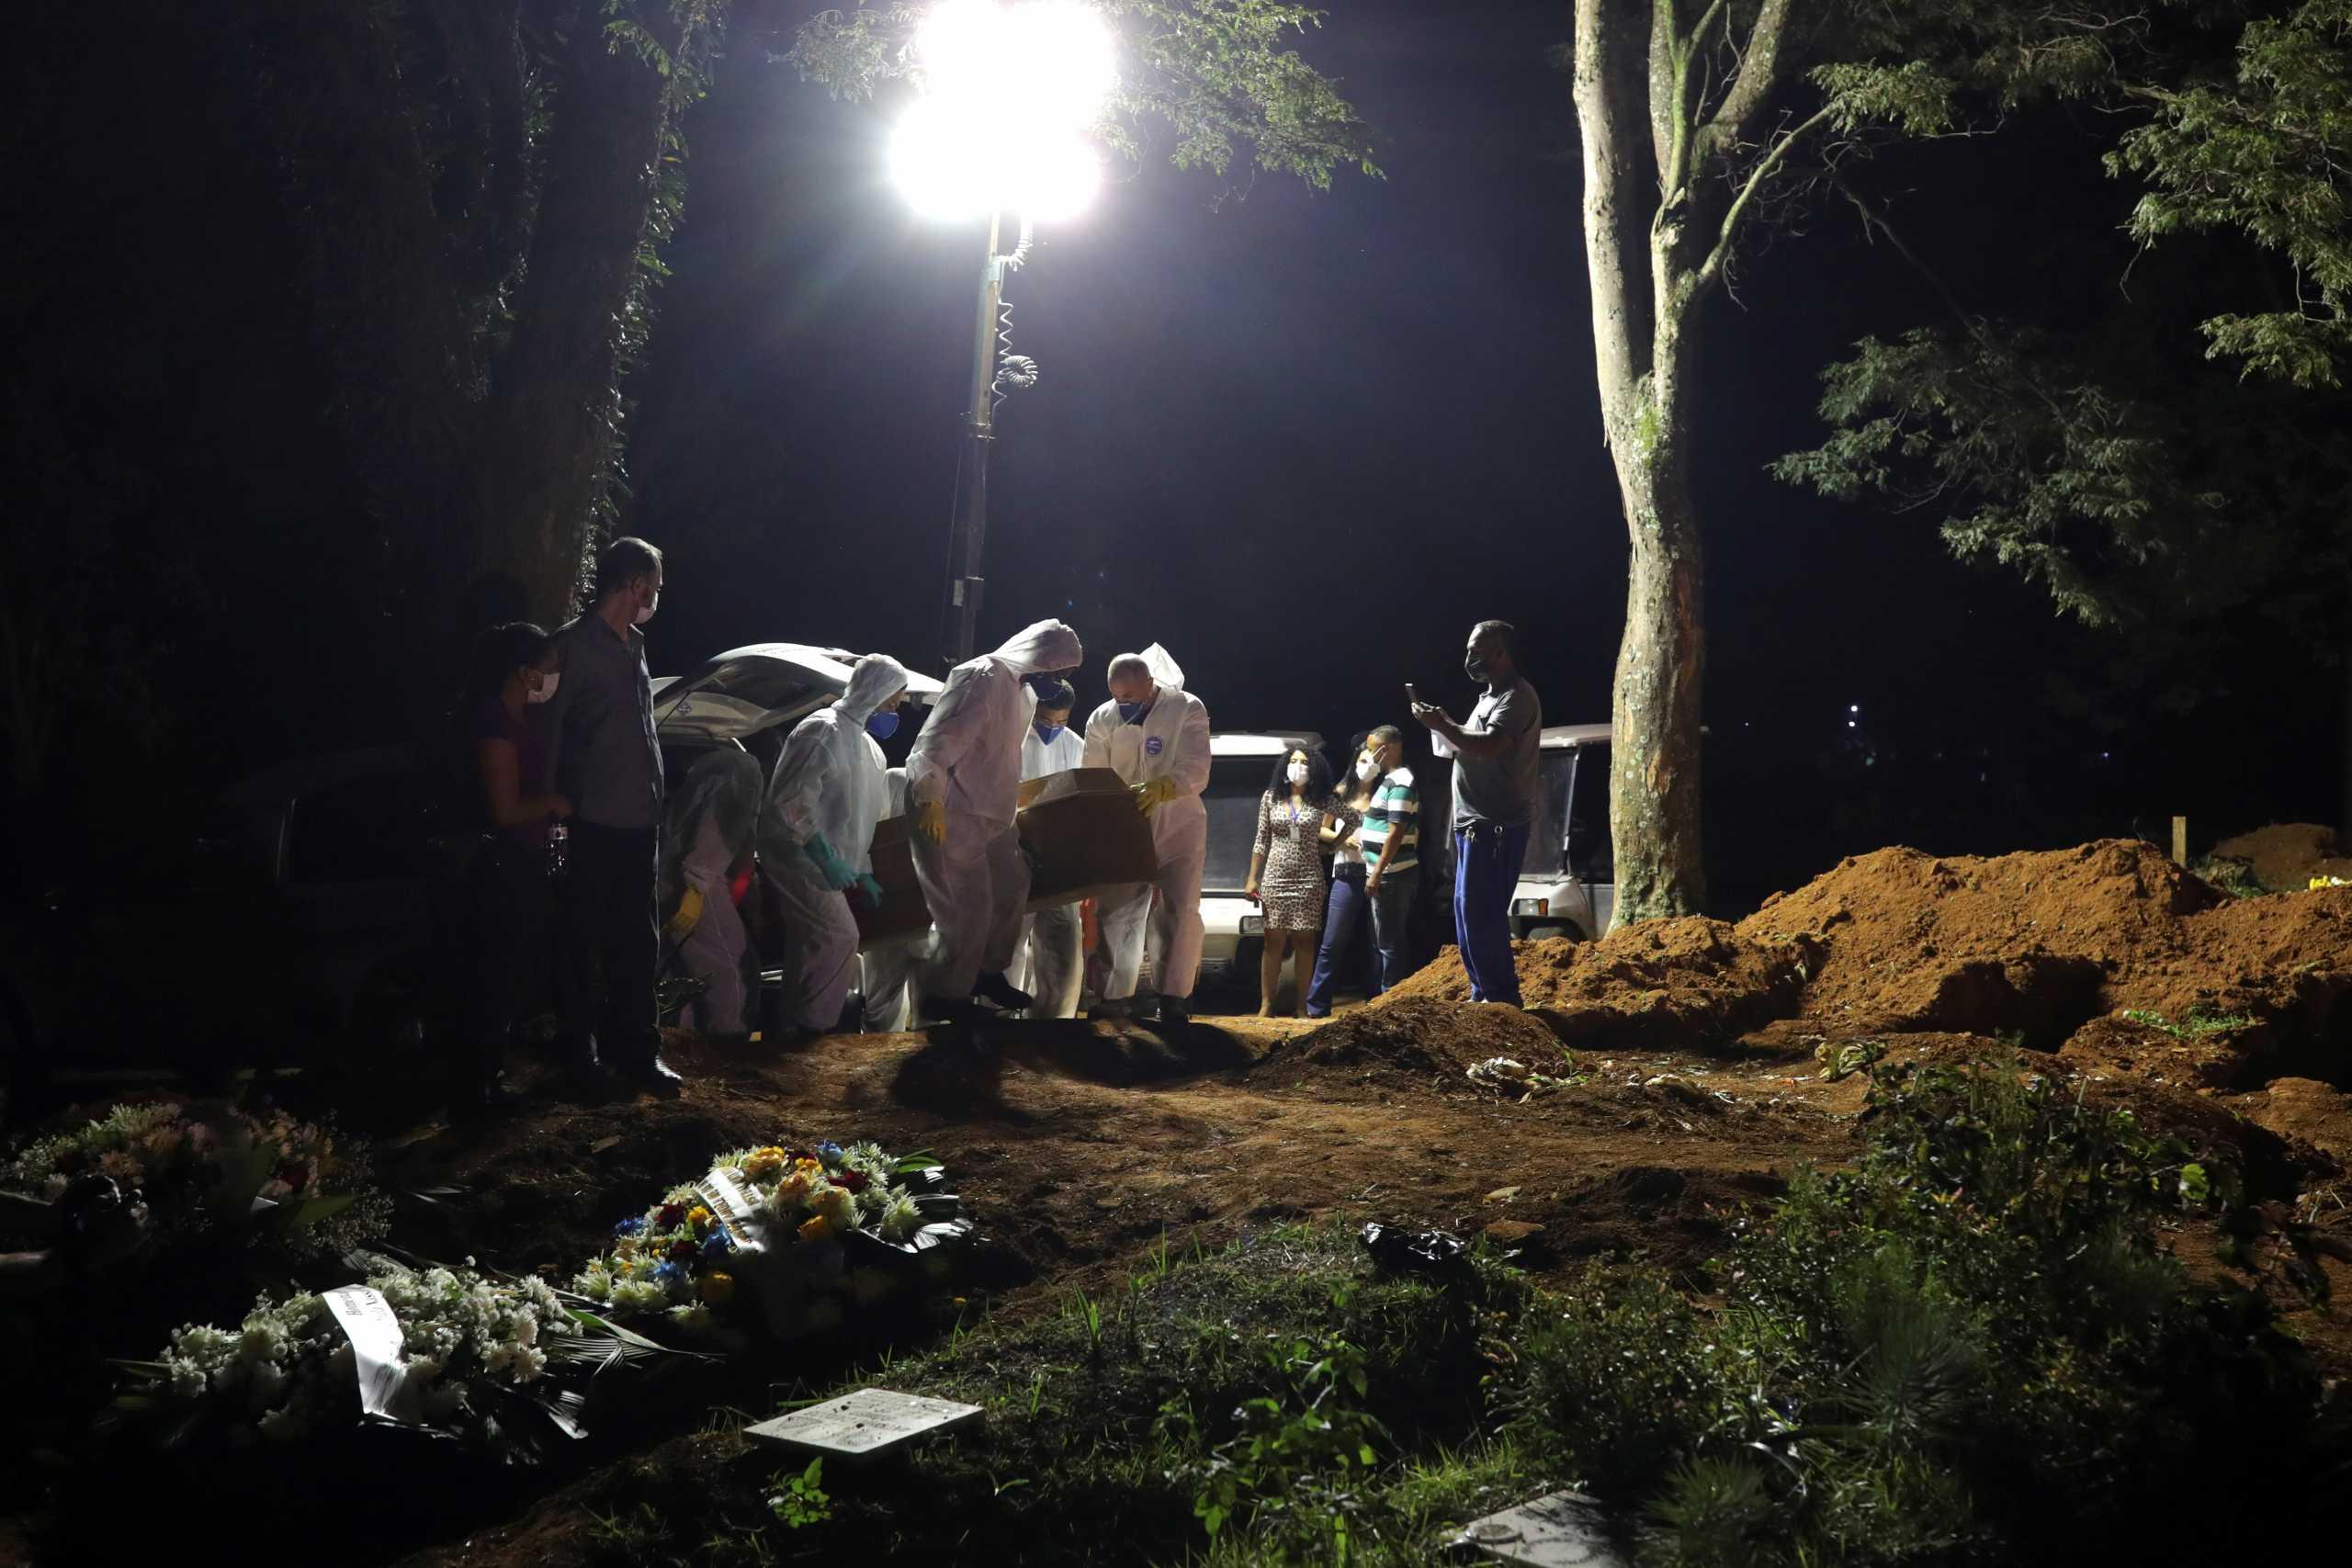 Κορονοϊός: Πάνω από 5 εκατ. οι νεκροί παγκοσμίως – Ανεμβολίαστος ο μισός πληθυσμός του πλανήτη